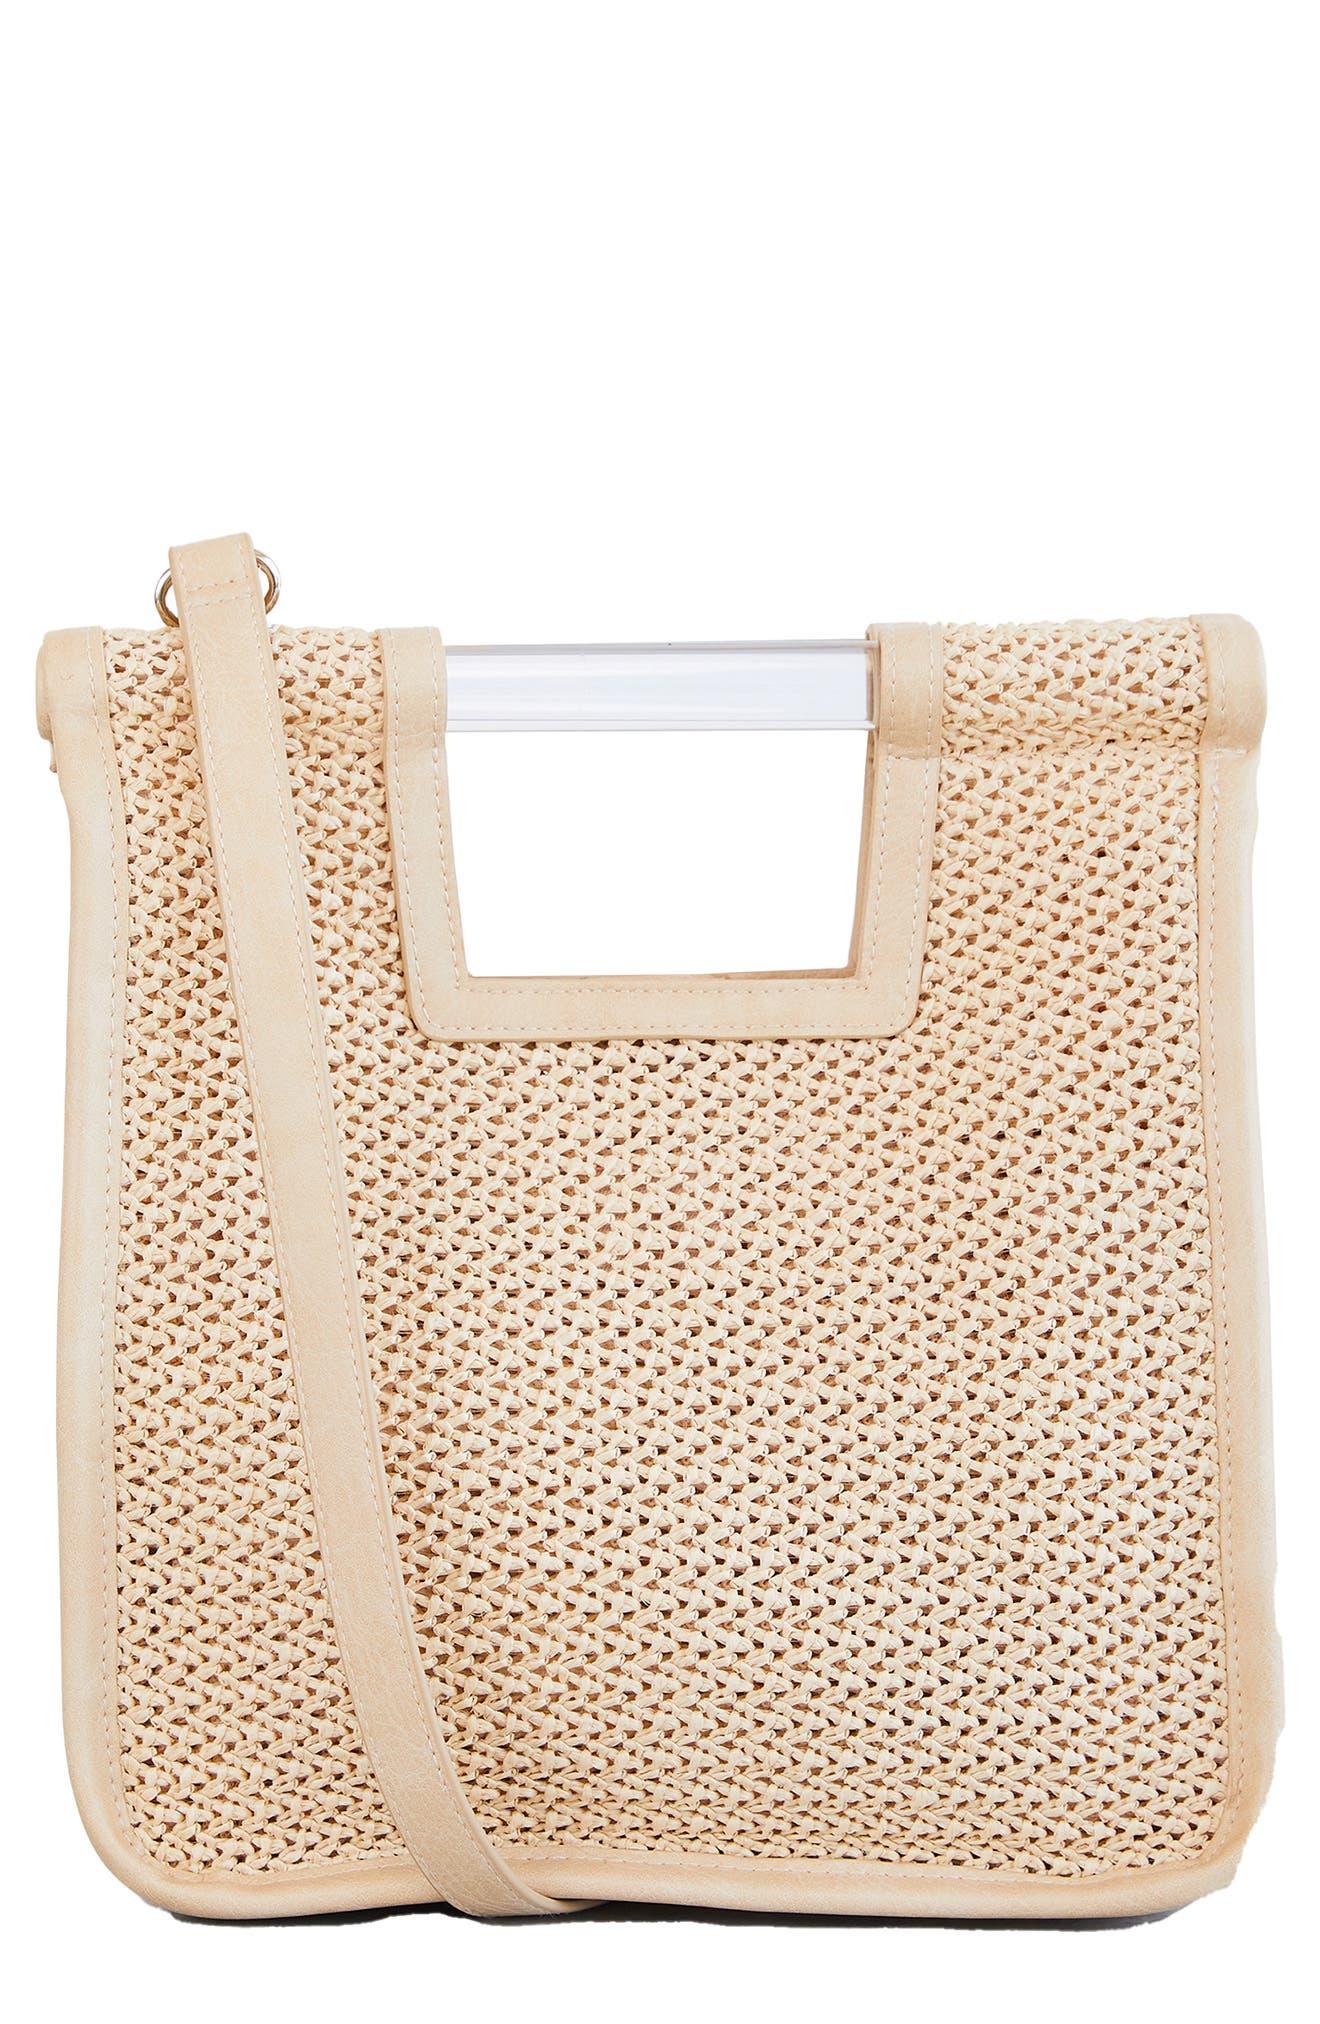 The Naturals Raffia Crossbody Bag